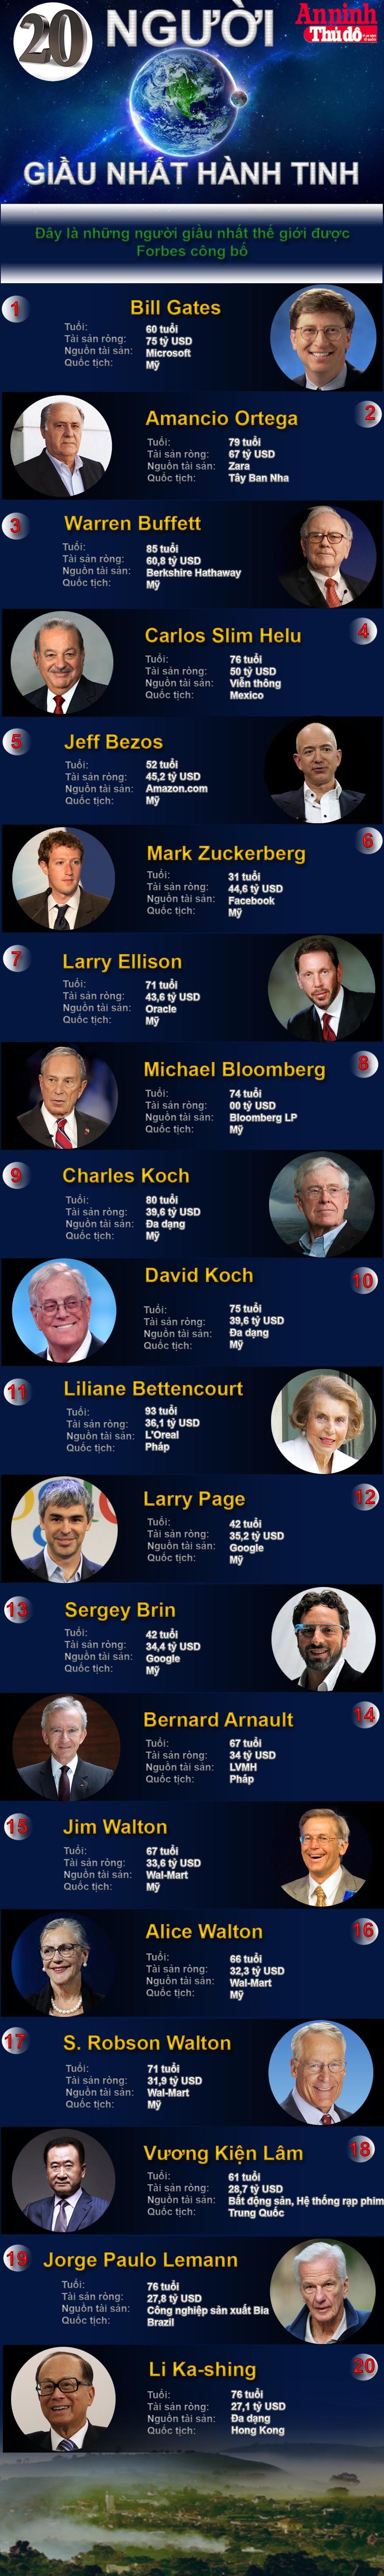 [Infographic] 20 siêu tỷ phú giàu nhất thế giới - họ là ai? ảnh 1